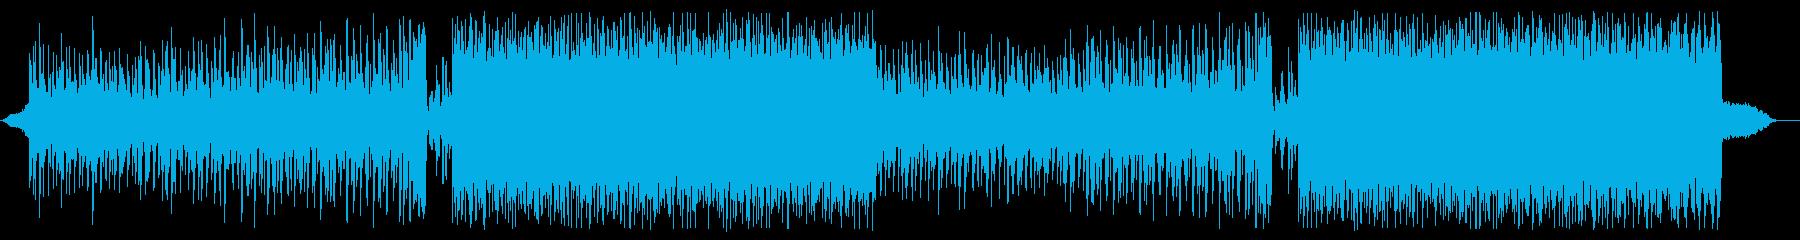 夏 洋楽 Future Popの再生済みの波形